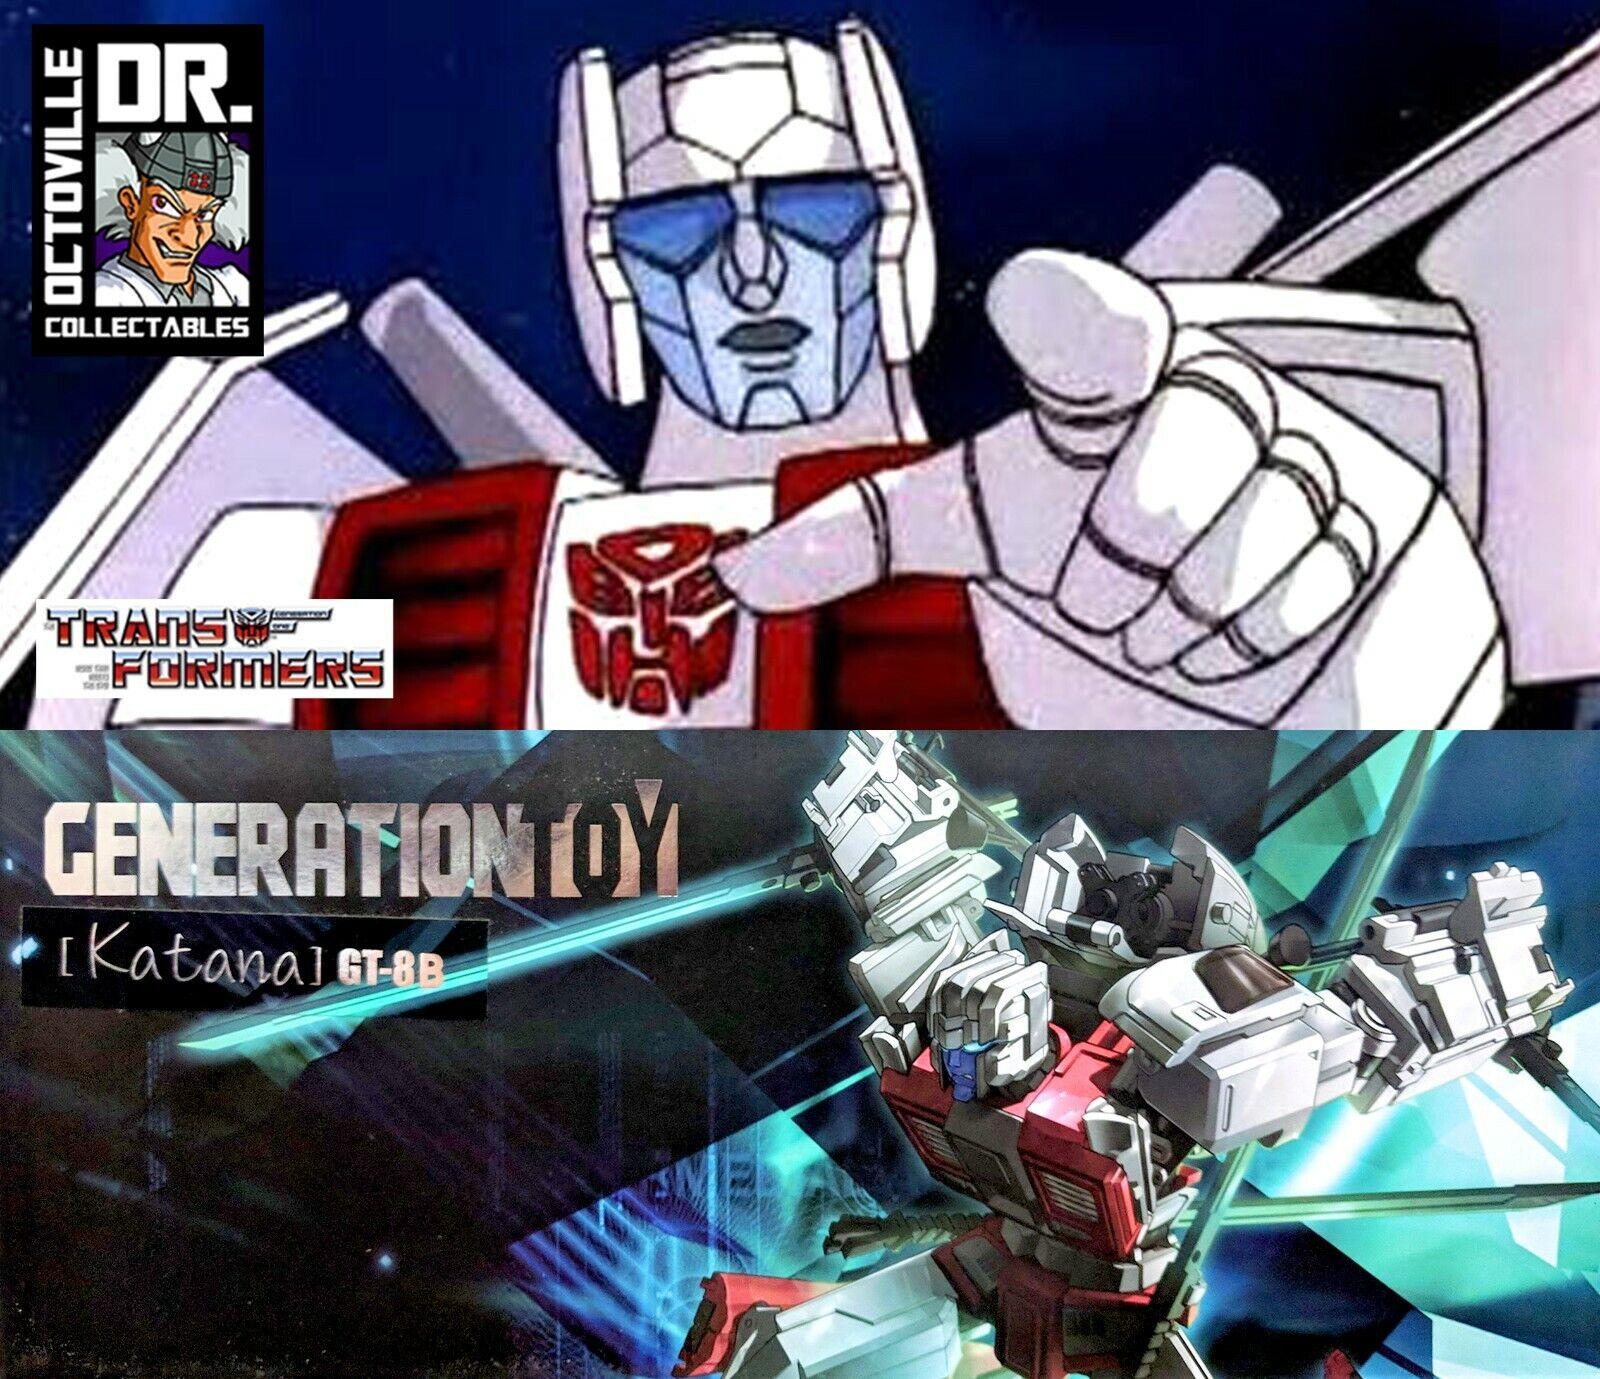 Transformers Masterpiece generazione giocattolo GT08B KATANA lameMP usato